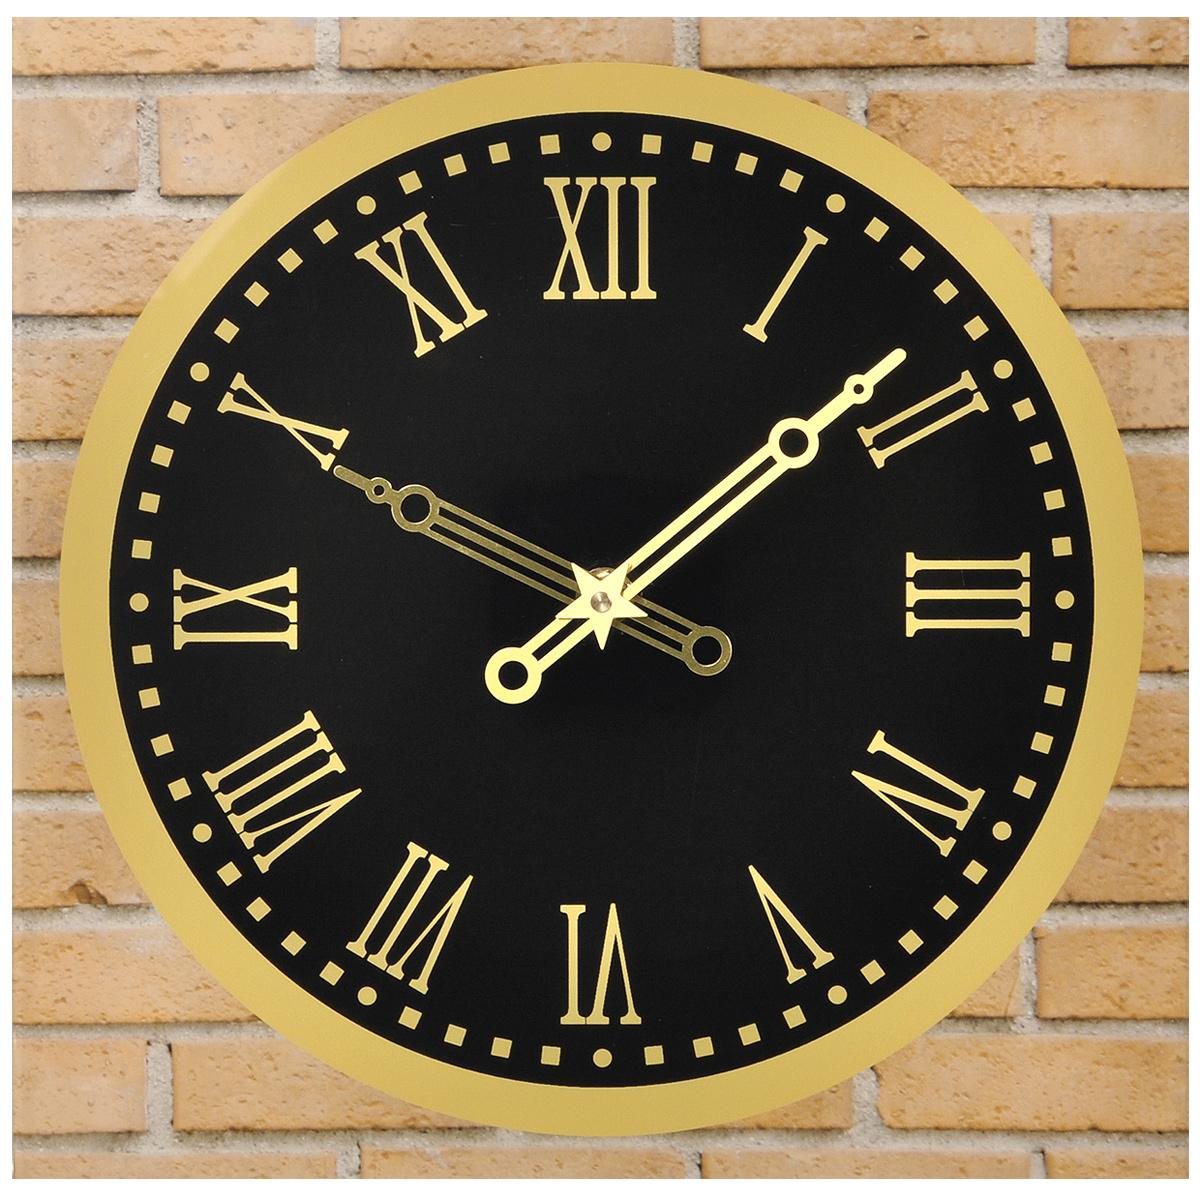 Часы настенные Куранты, стеклянные. 9601196011Оригинальные настенные часы Куранты круглой формы выполнены из стекла и оформлены изображением римских цифр. Часы имеют три стрелки - часовую, минутную и секундную. Циферблат часов не защищен. Необычное дизайнерское решение и качество исполнения придутся по вкусу каждому. Оформите совой дом таким интерьерным аксессуаром или преподнесите его в качестве презента друзьям, и они оценят ваш оригинальный вкус и неординарность подарка.